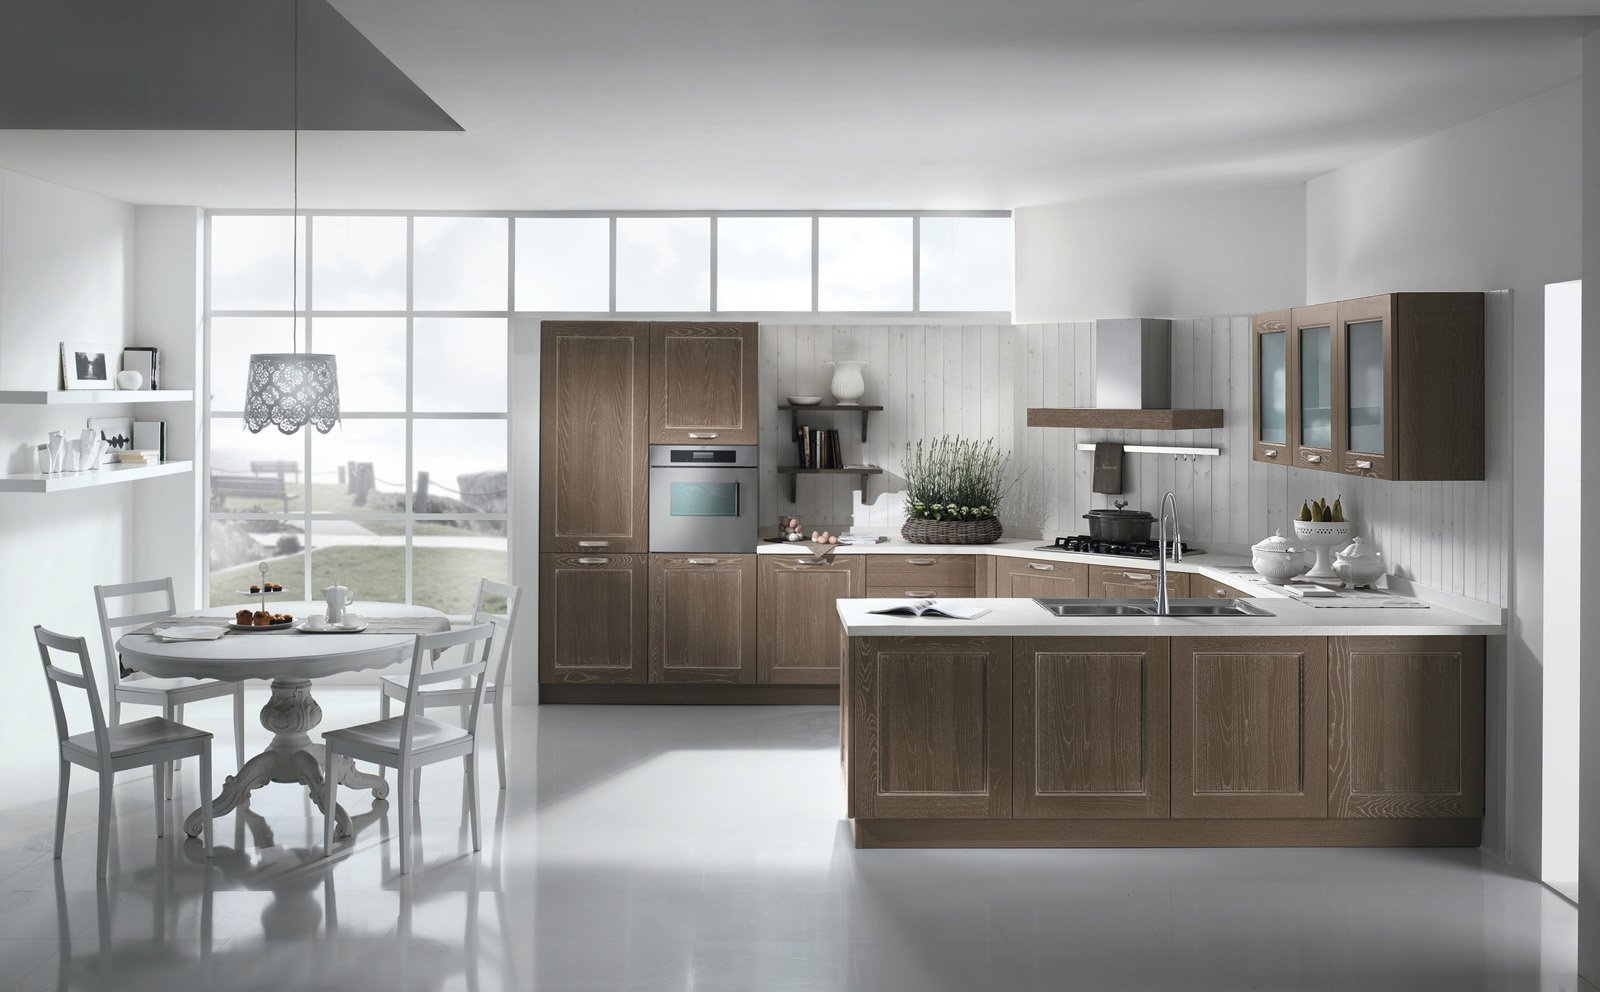 Cucina Tulay Di TreO Ha Frontali Con Telaio In Frassino Massiccio Di  #5C4E42 1600 992 Foto Cucine Moderne Con Isola